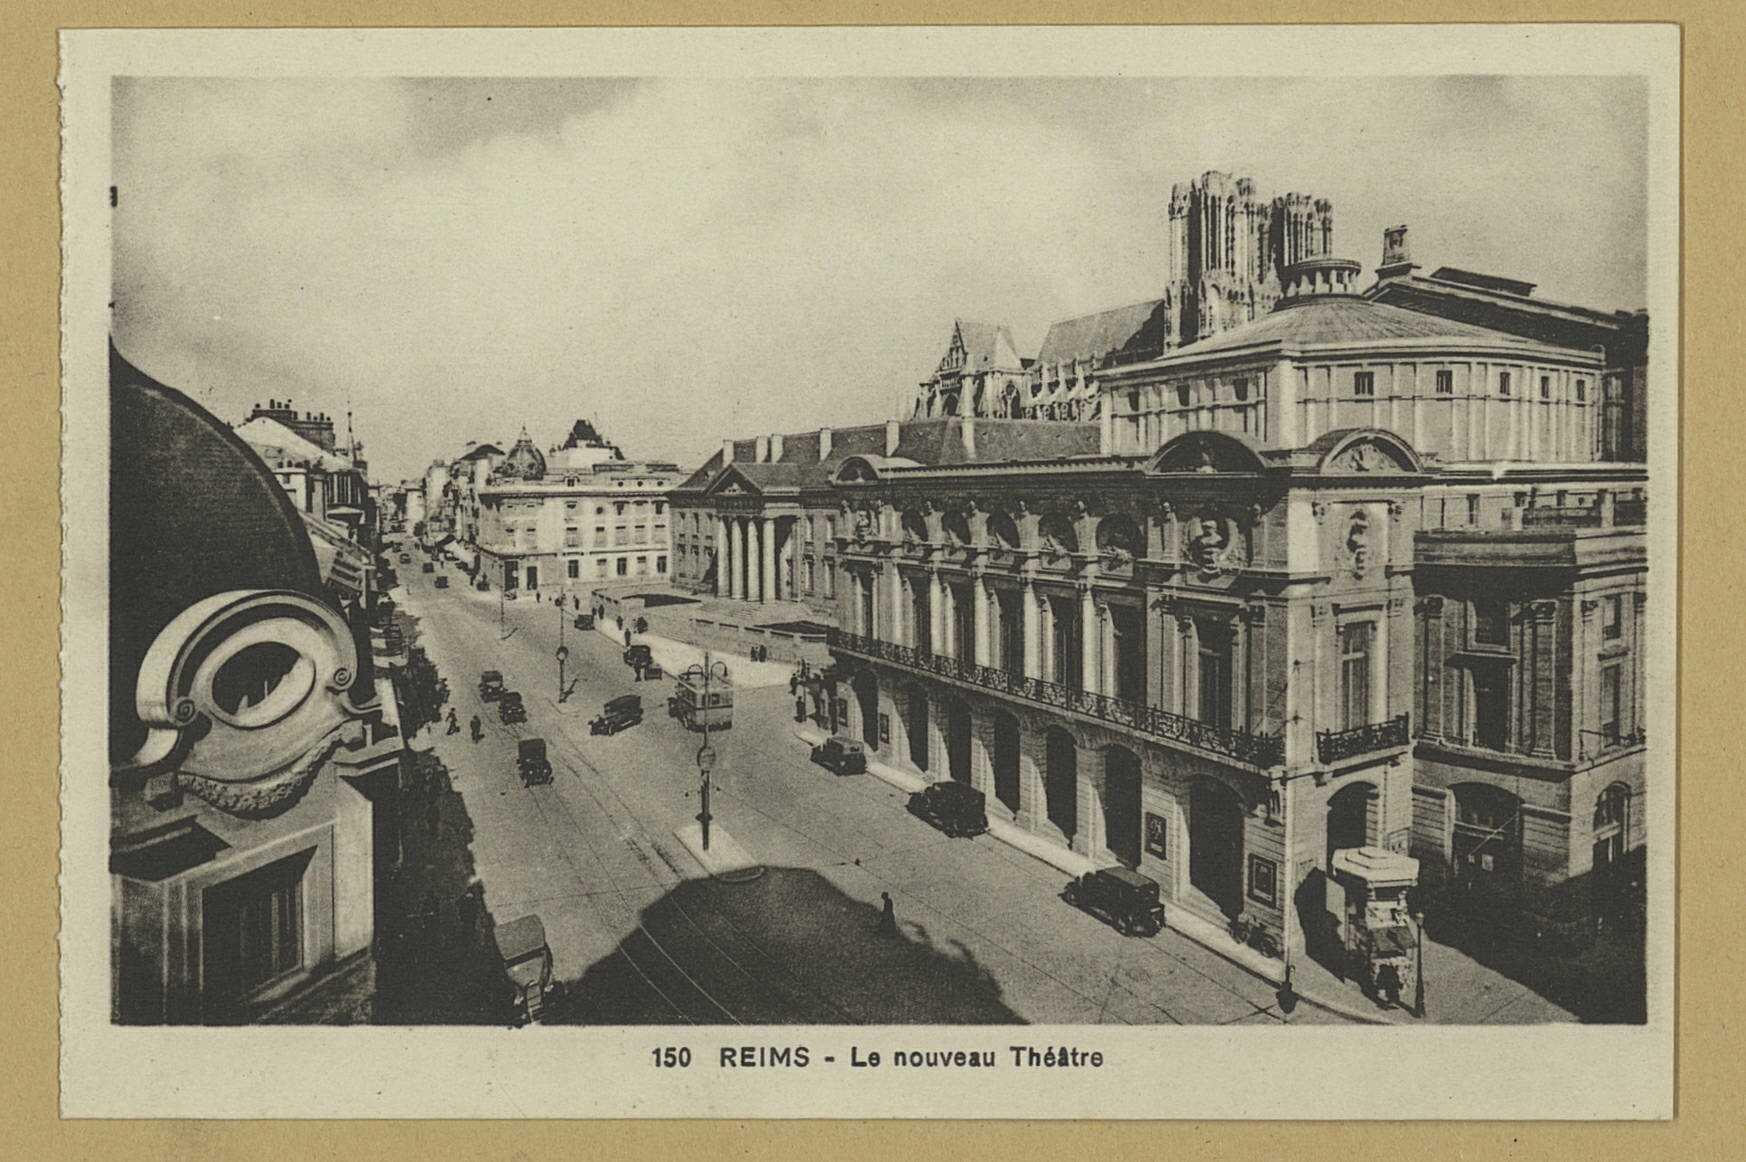 REIMS. 150. Le nouveau théâtre. Strasbourg-Schiltigheim [s.n.] ([S.l.] Cie des Arts Photomécaniques). Sans date